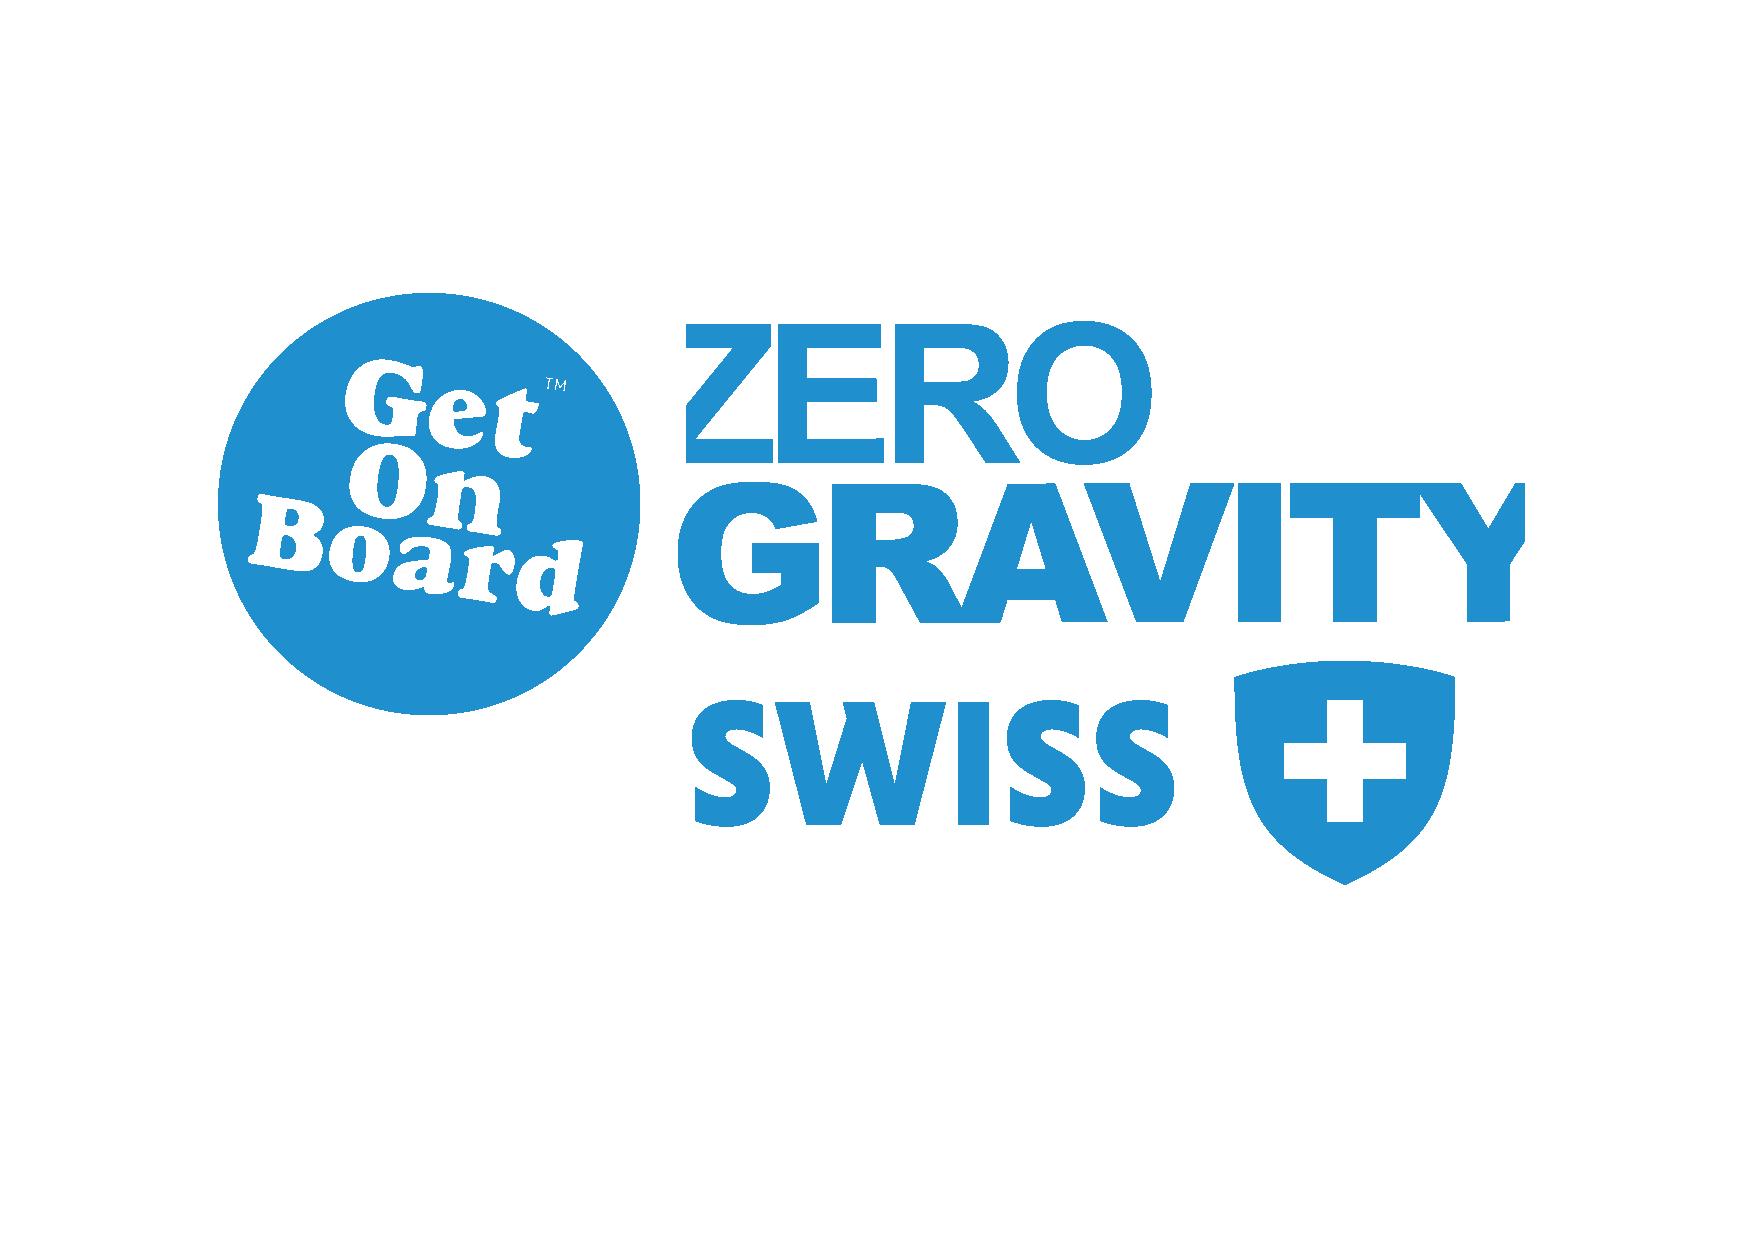 ZERO GRAVITY SWISS